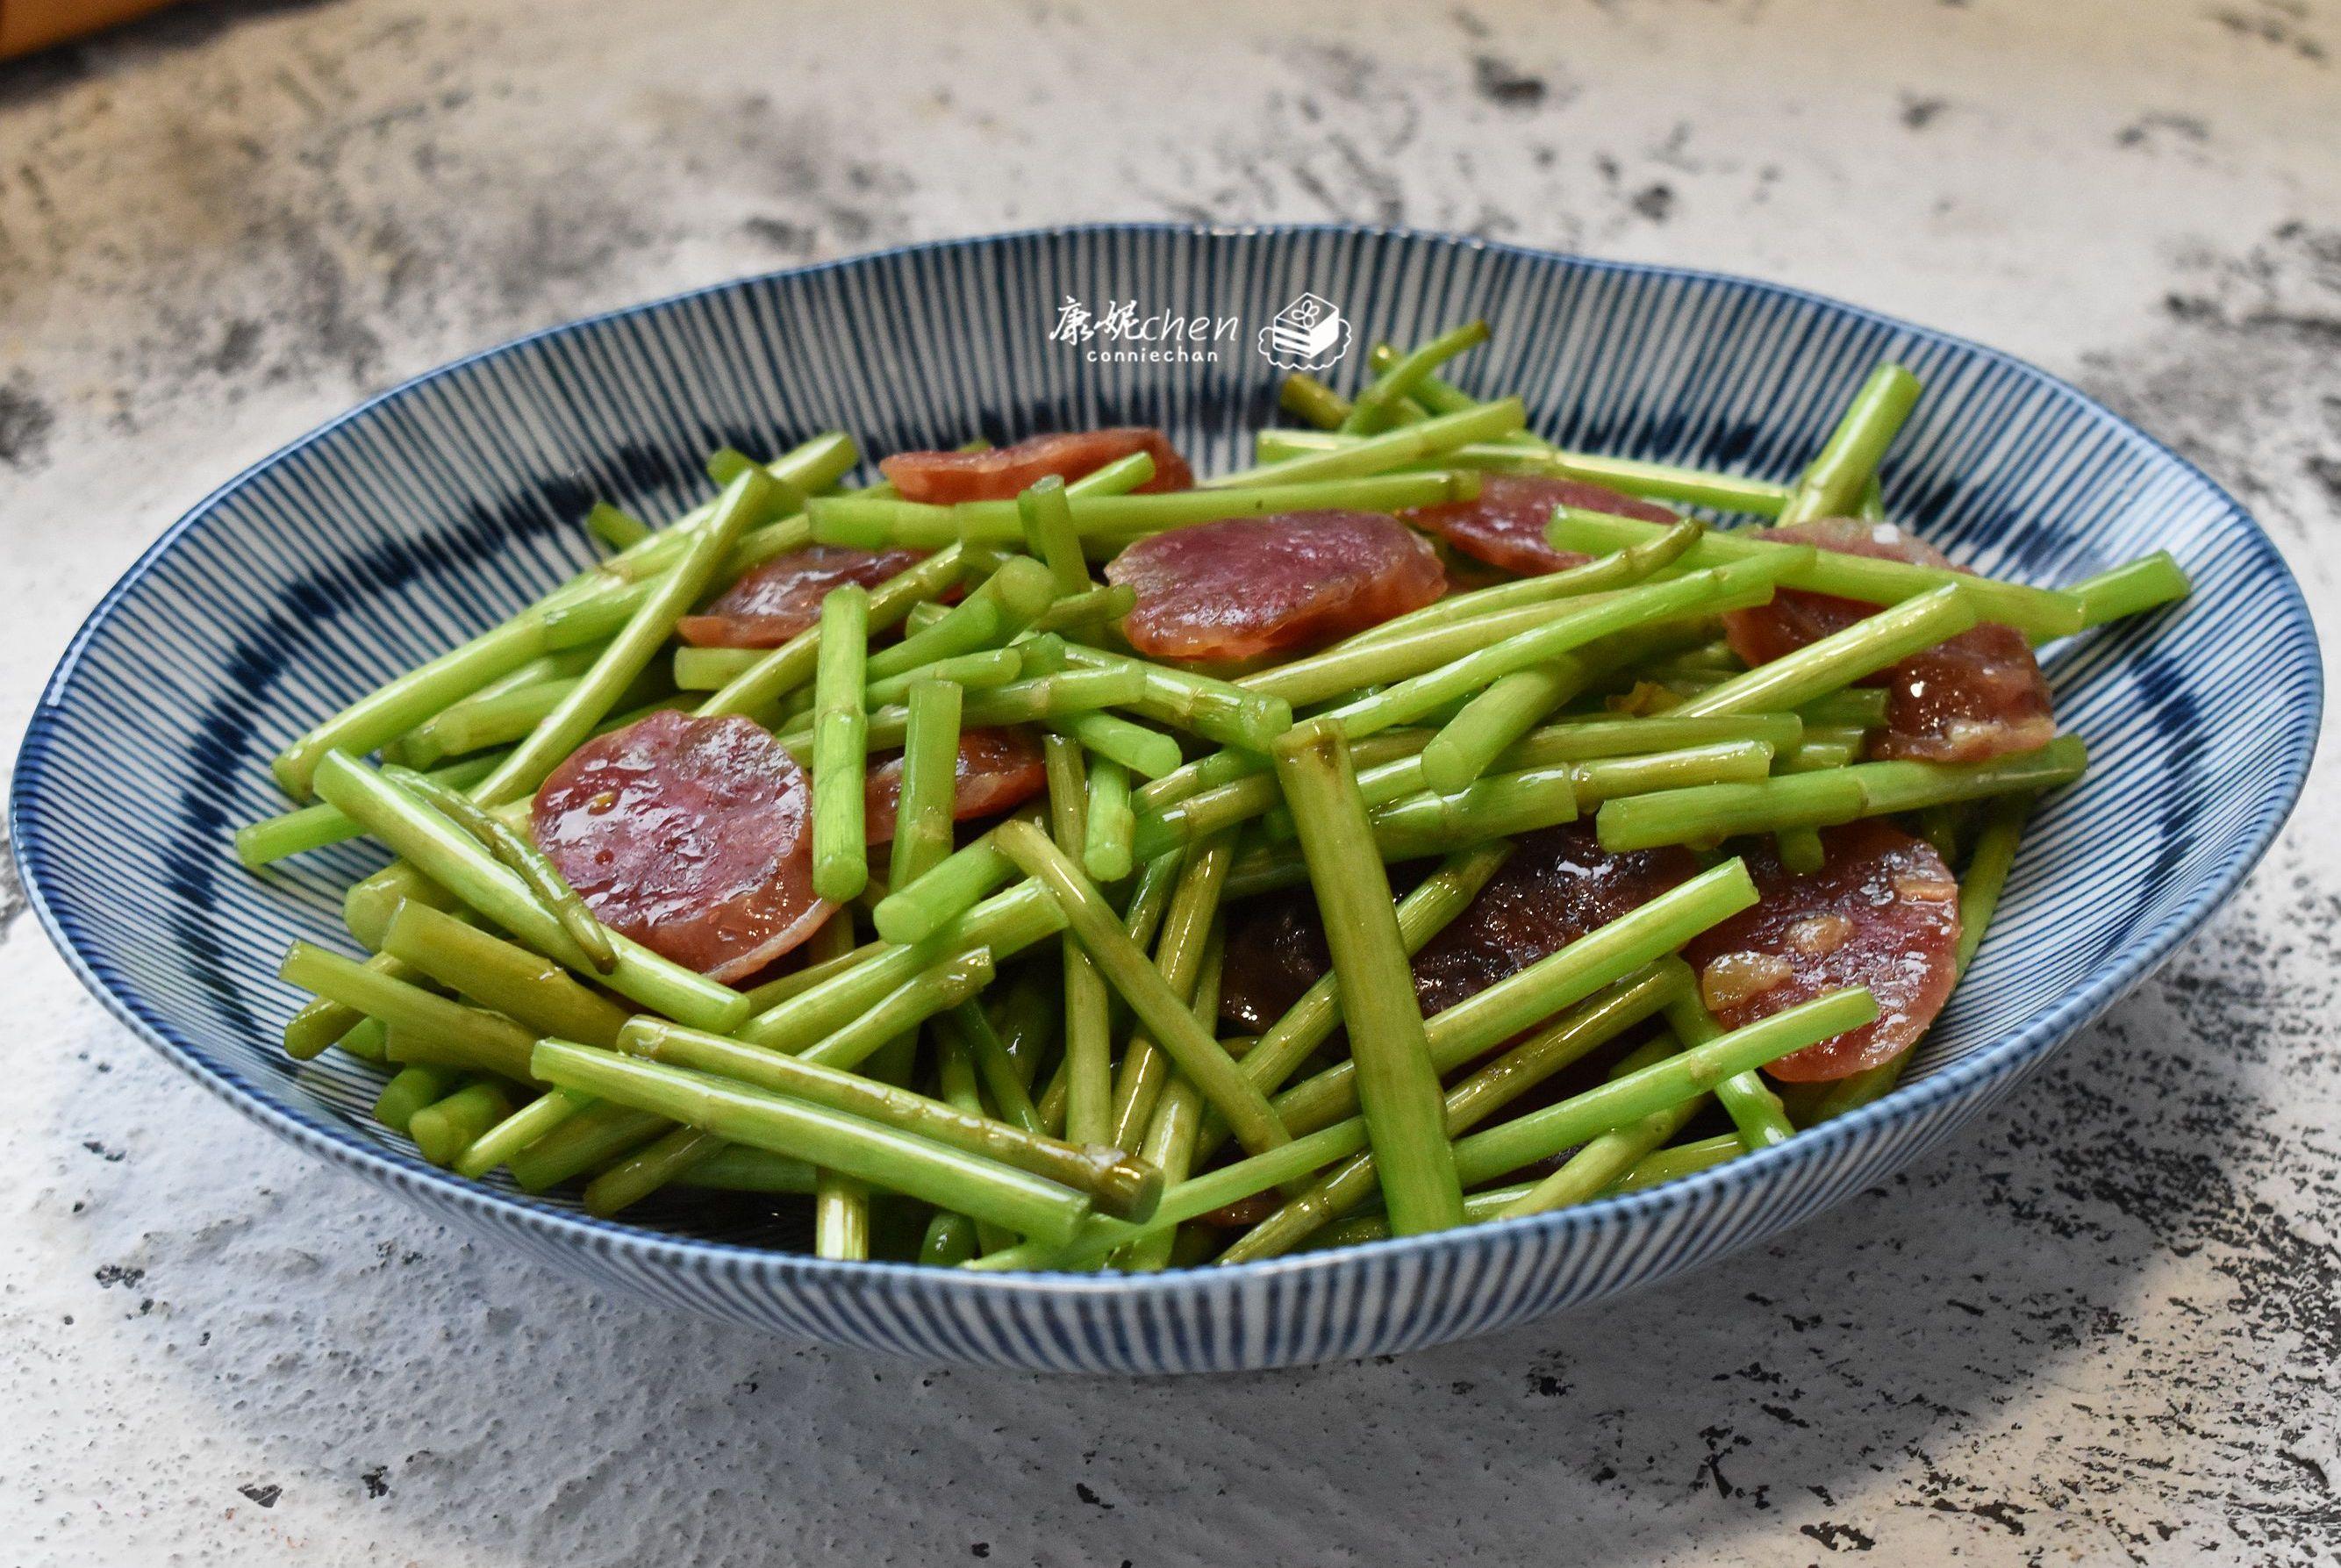 这野菜春季吃清香细嫩,是菜也是药,健脾胃促消化,炒一盘吃光光